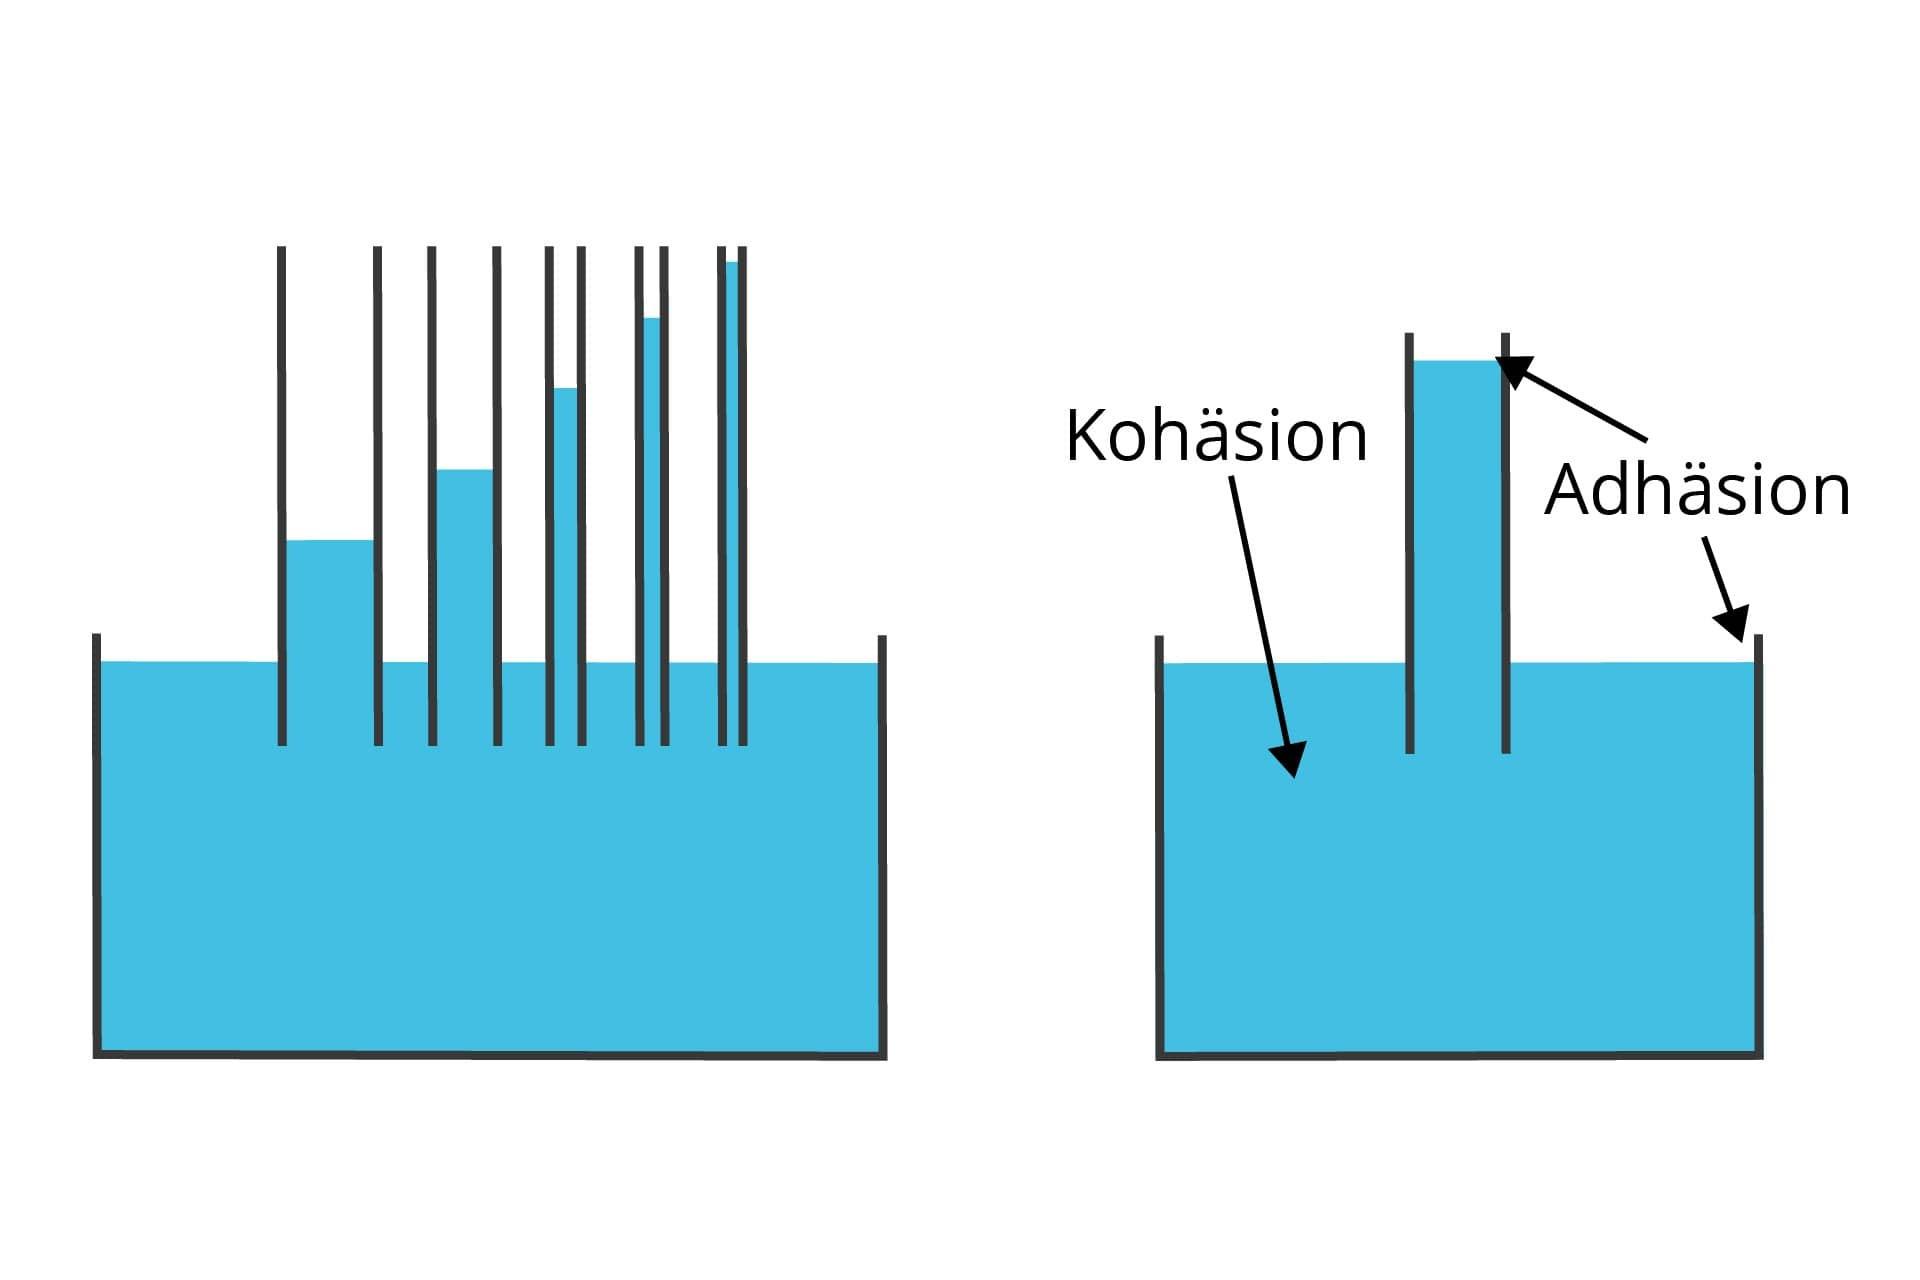 Kapillarwirkung mit Adhäsion und Kohäsion